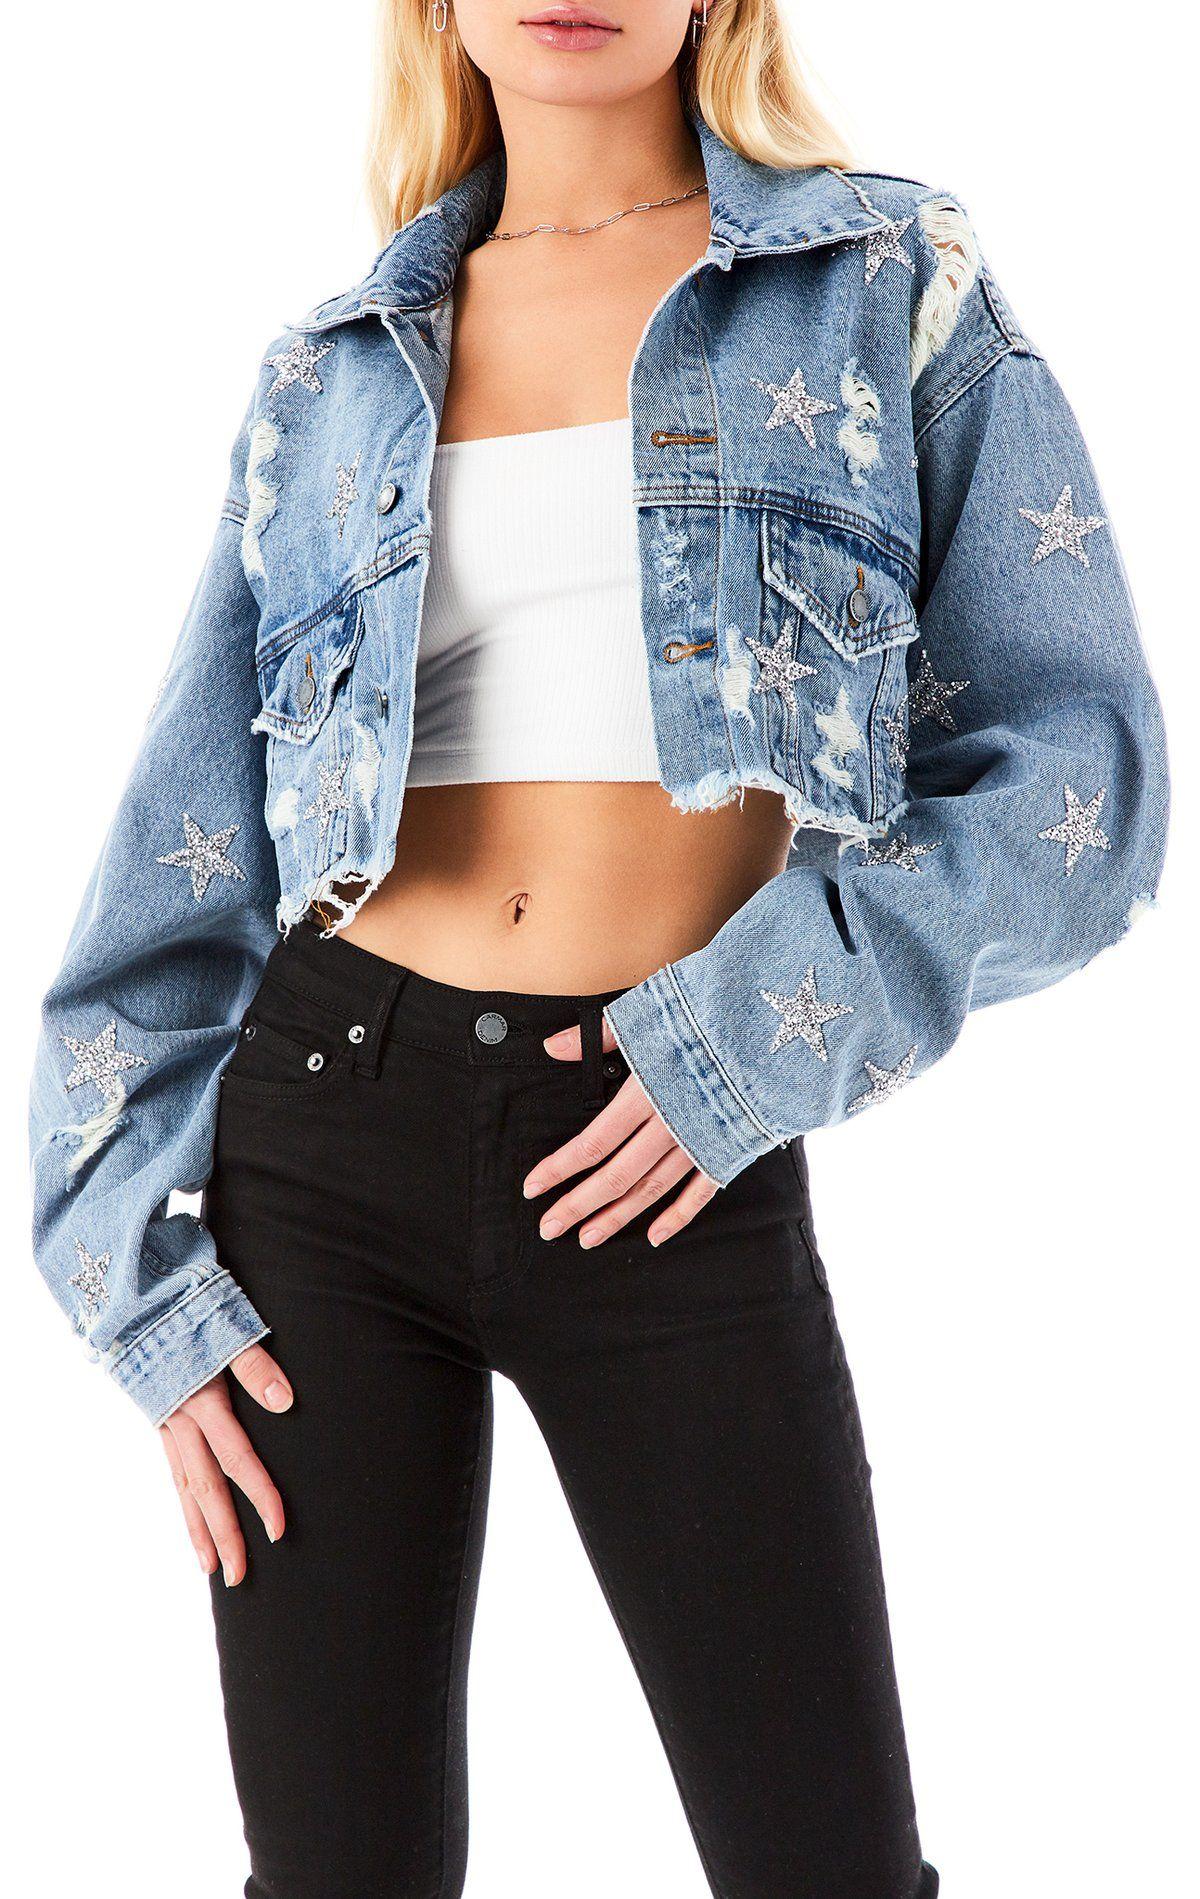 Audrey Ammolite Star Patch Crop Denim Jacket In 2021 Cropped Denim Jacket Denim Jacket Fashion Denim Jacket [ 1899 x 1200 Pixel ]